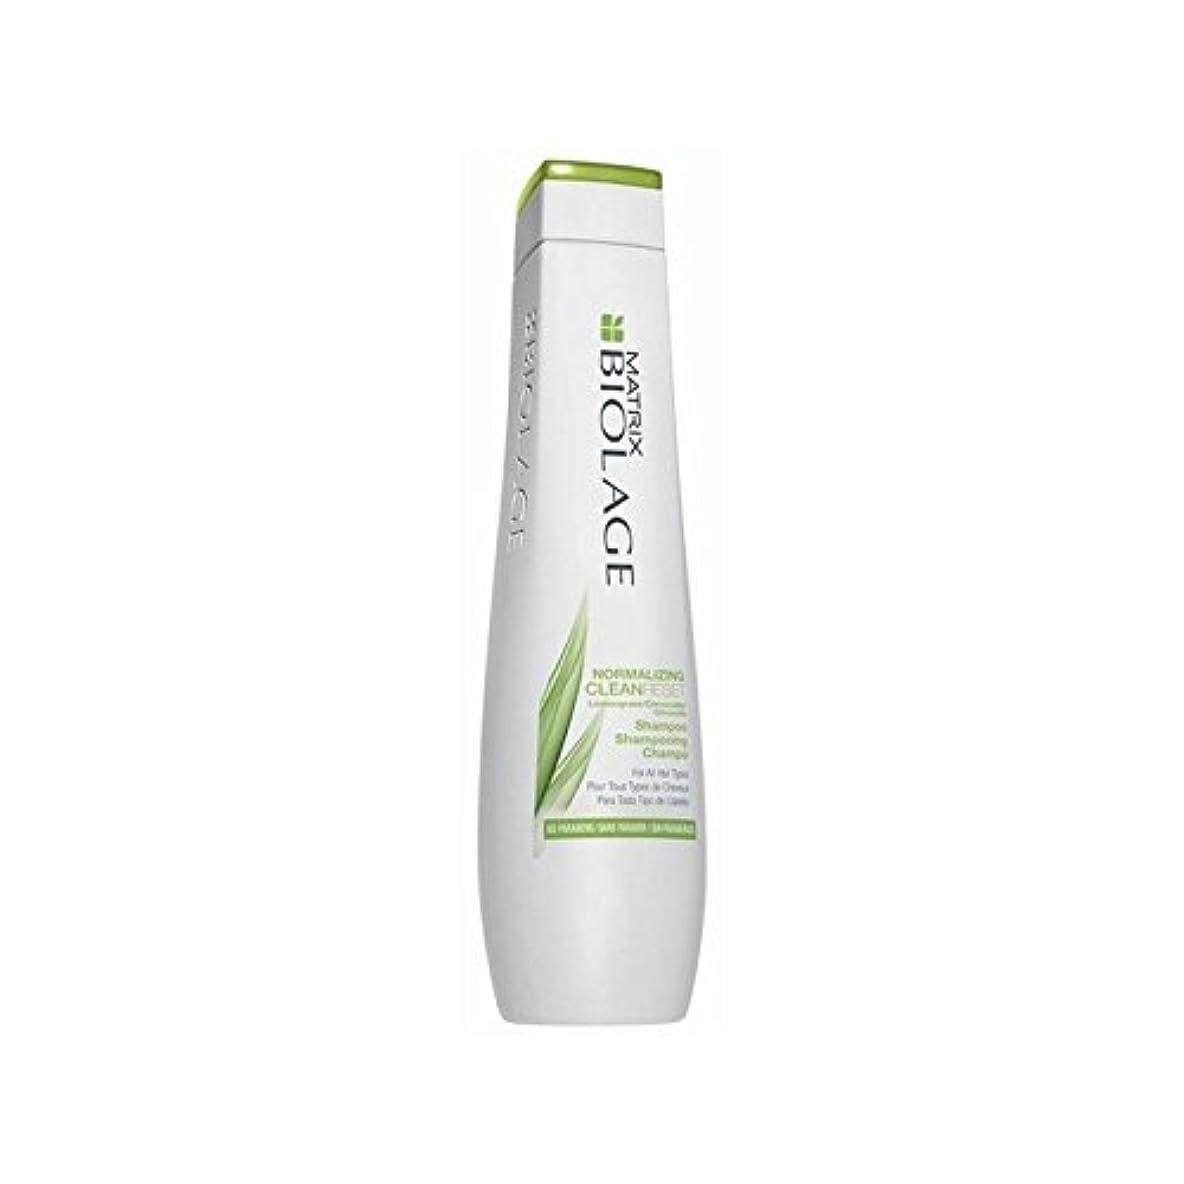 ベットクラス同僚マトリックスバイオレイジ頭皮正規化シャンプー(250ミリリットル) x2 - Matrix Biolage Scalptherapie Scalp Normalizing Shampoo (250ml) (Pack of 2) [並行輸入品]